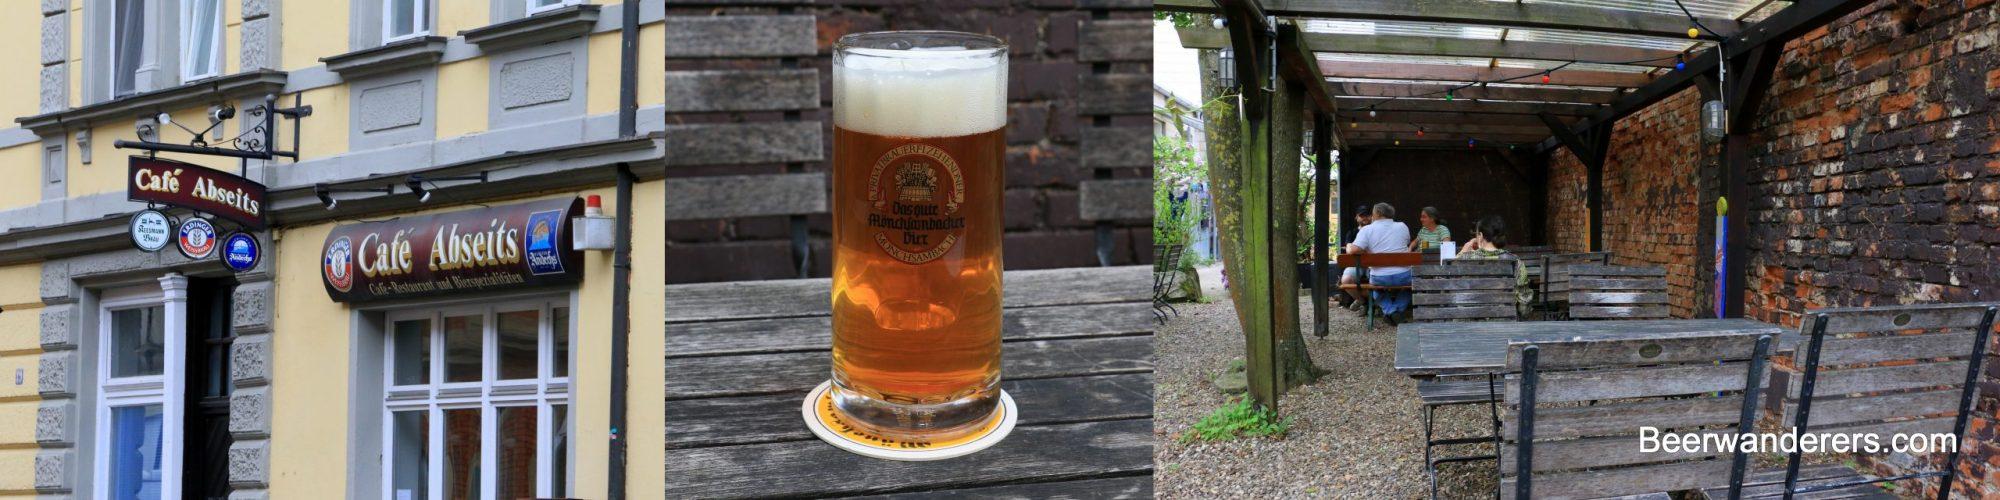 pub front beer biergarte